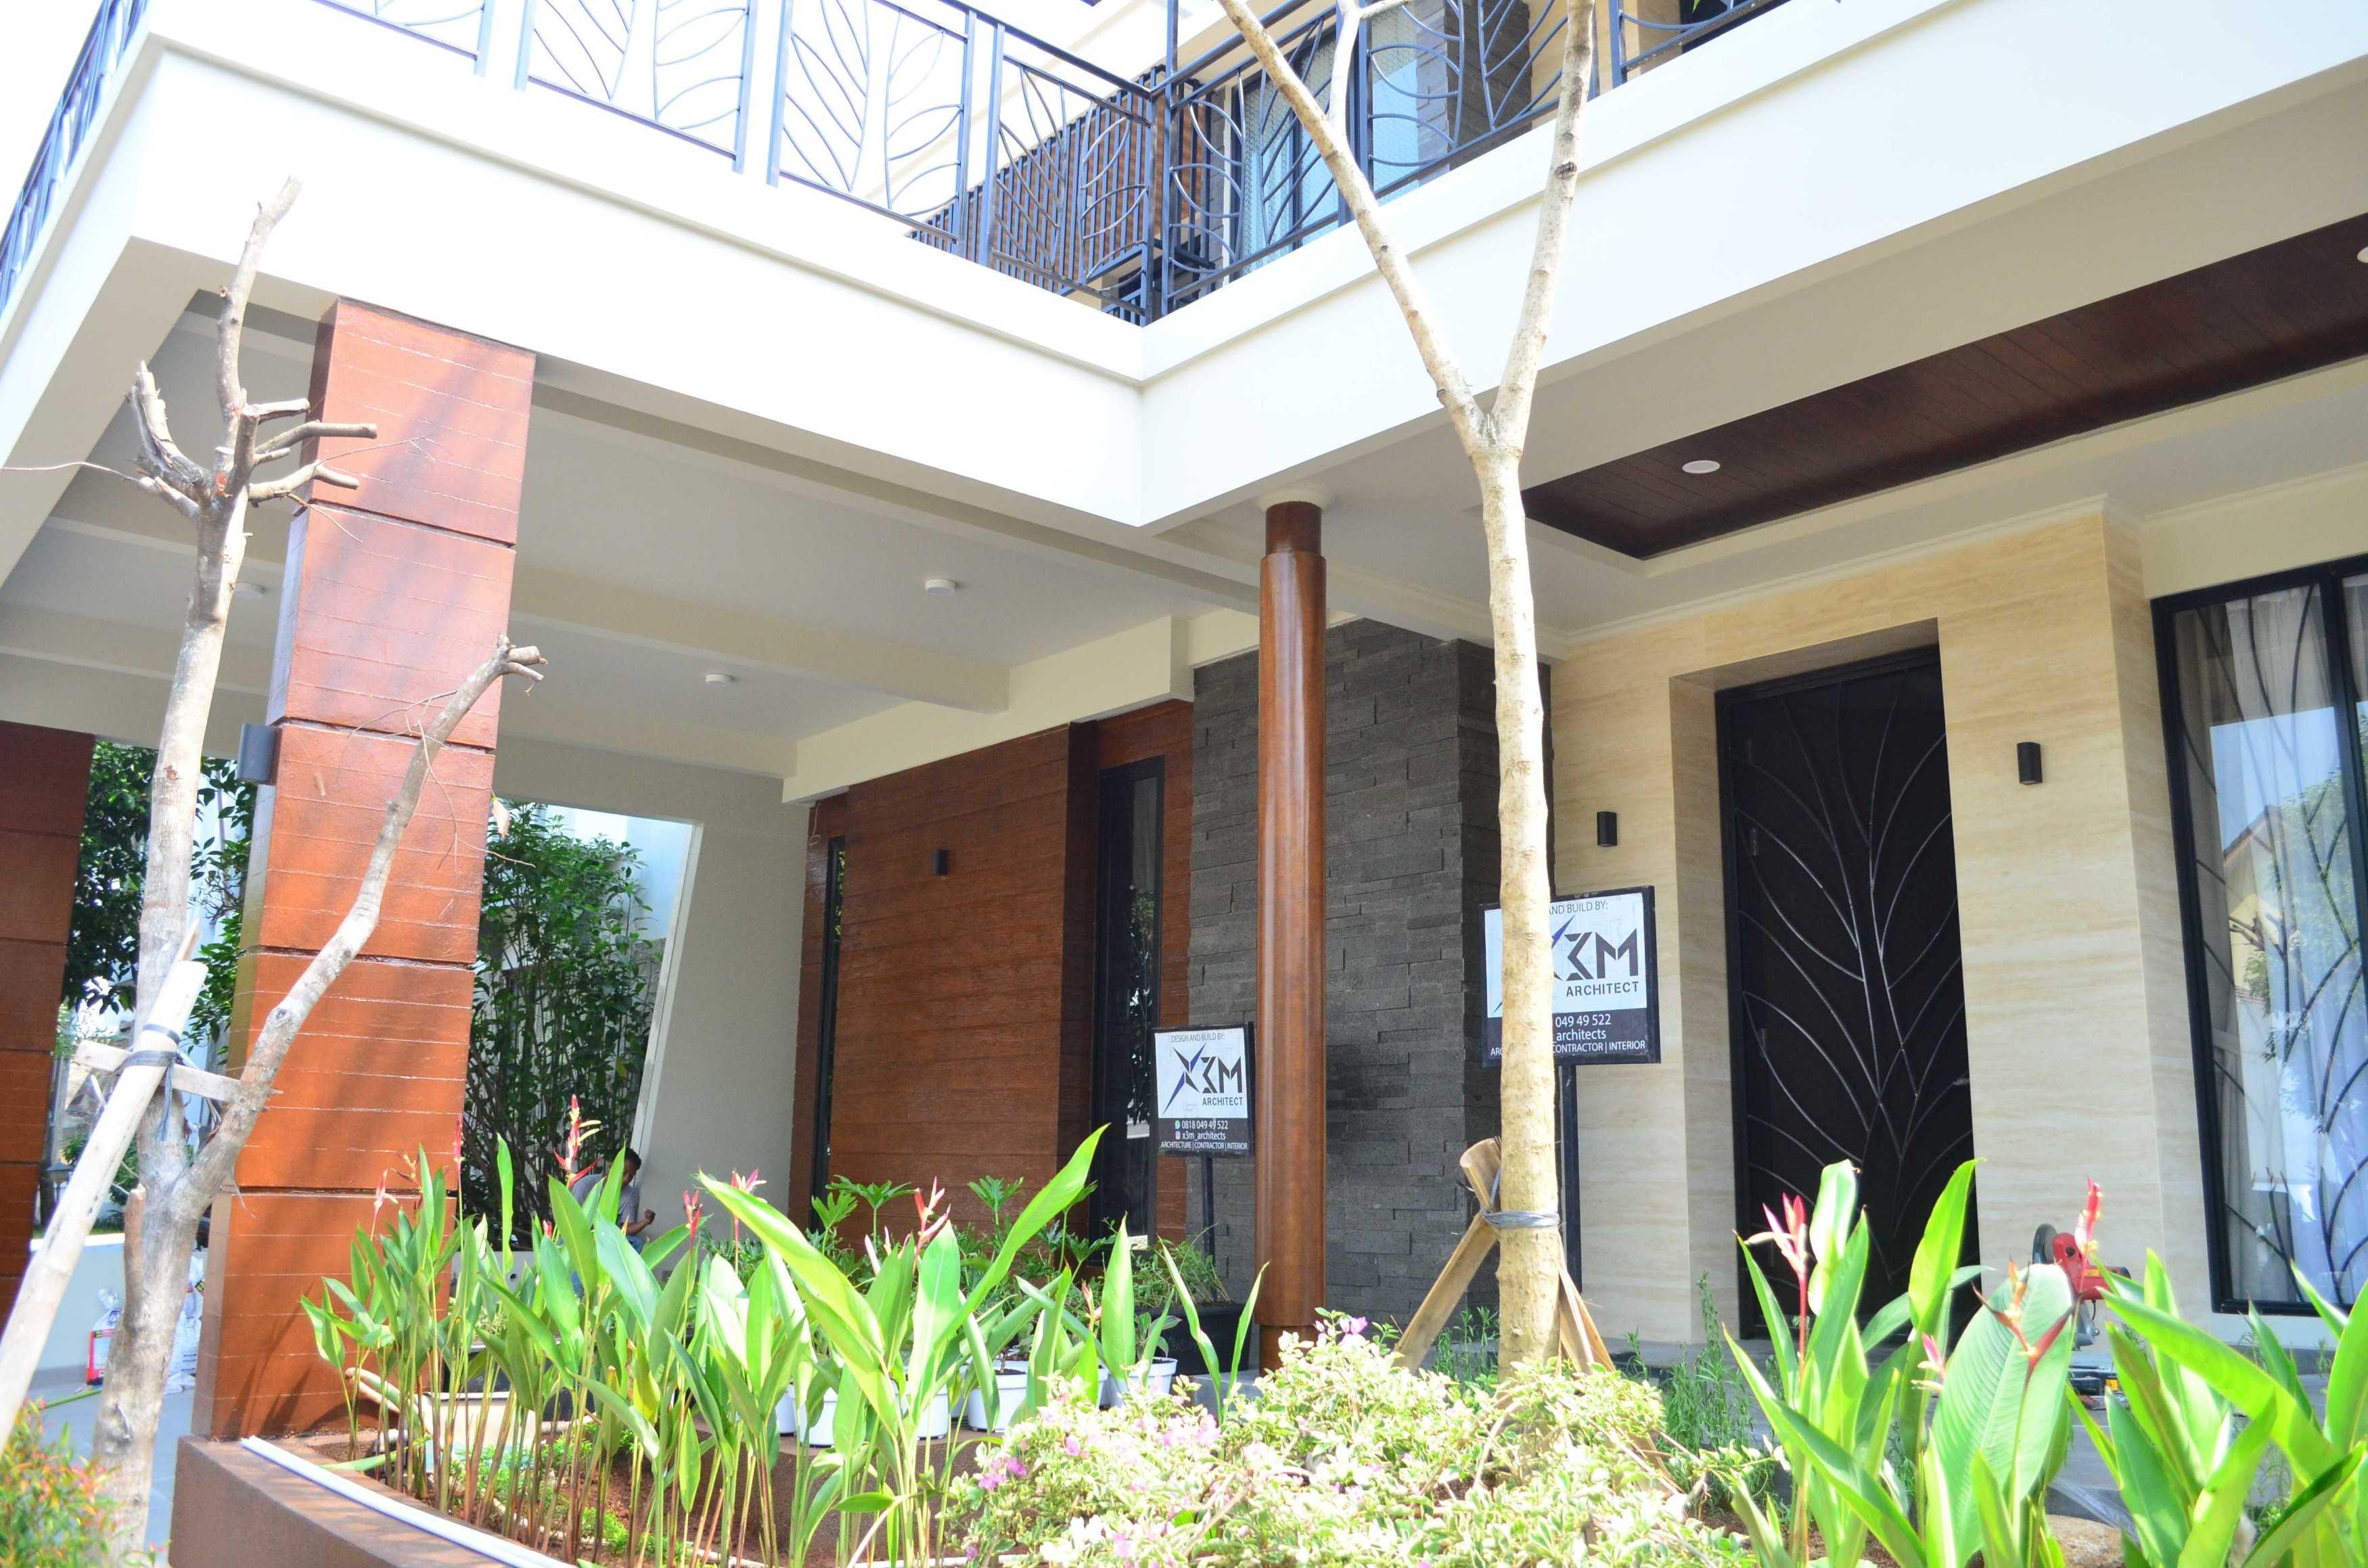 X3M Architects Nittaya A5 1 House Sampora, Kec. Cisauk, Tangerang, Banten 15345, Indonesia Sampora, Kec. Cisauk, Tangerang, Banten 15345, Indonesia X3M-Architects-Nittaya-A5-1   76008